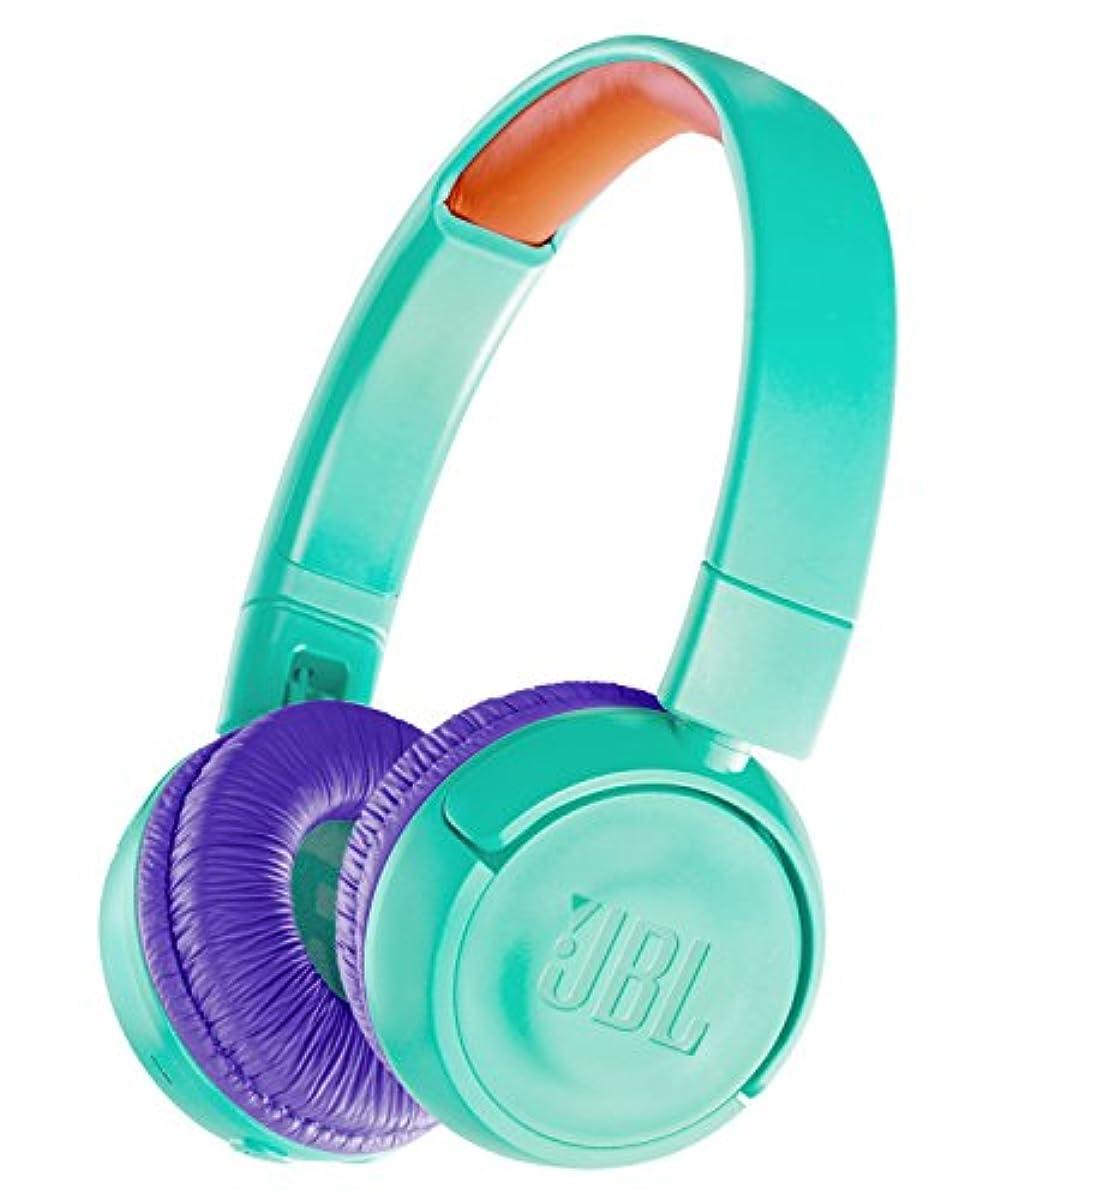 [해외] JBL JR300BT 어린이용 무선 헤드폰